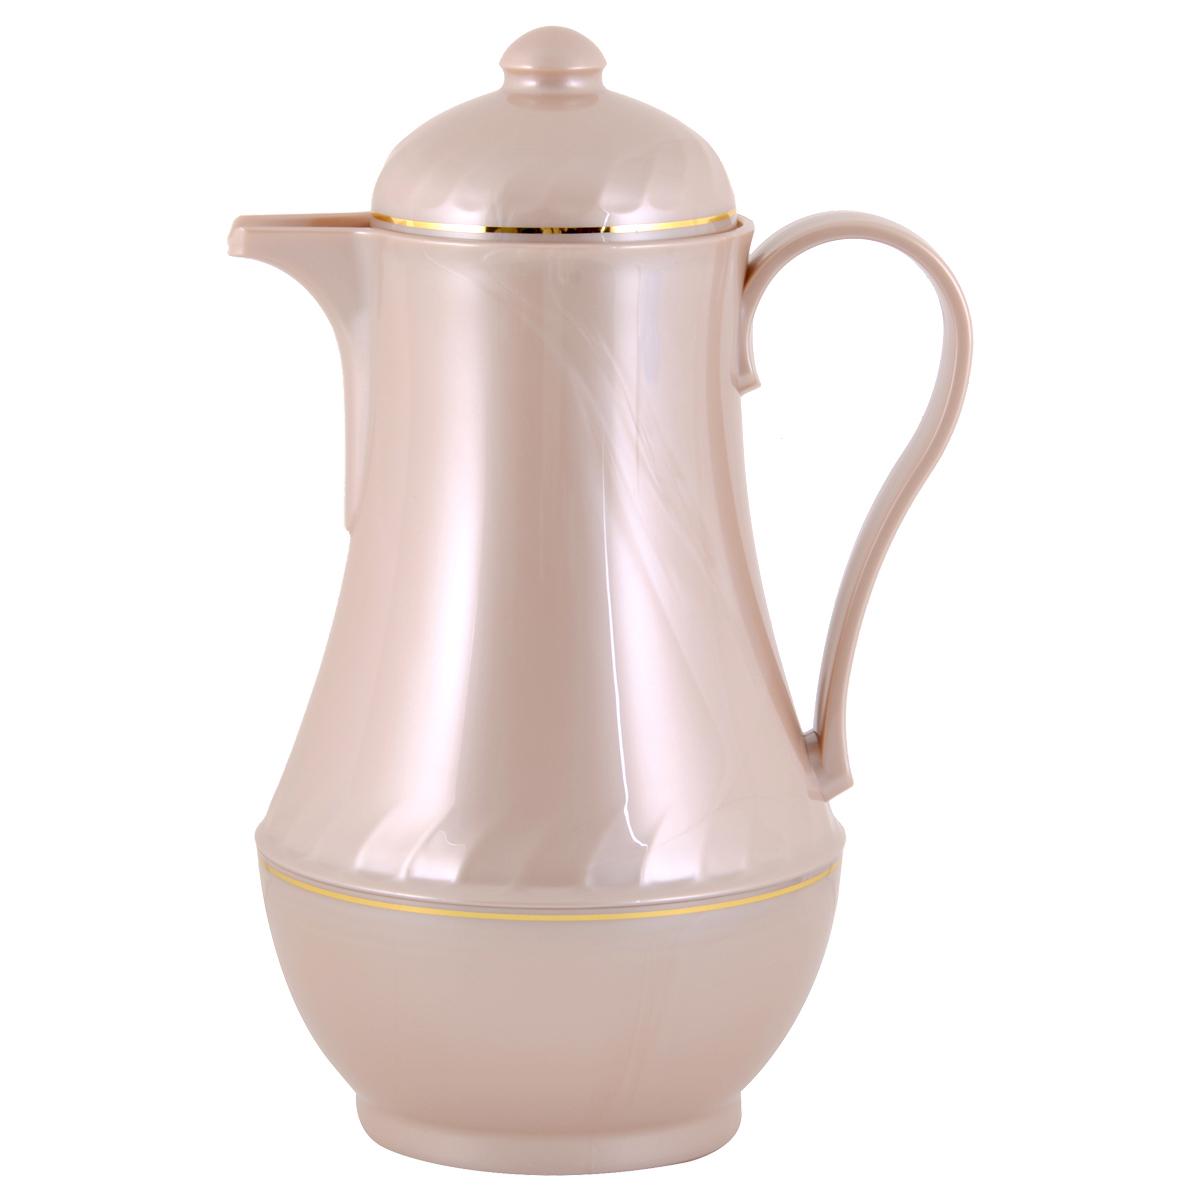 مور تايم , ترمس شاي وقهوة بلاستيك, 1.5  لتر,متعدد الالوان ,YM-16128